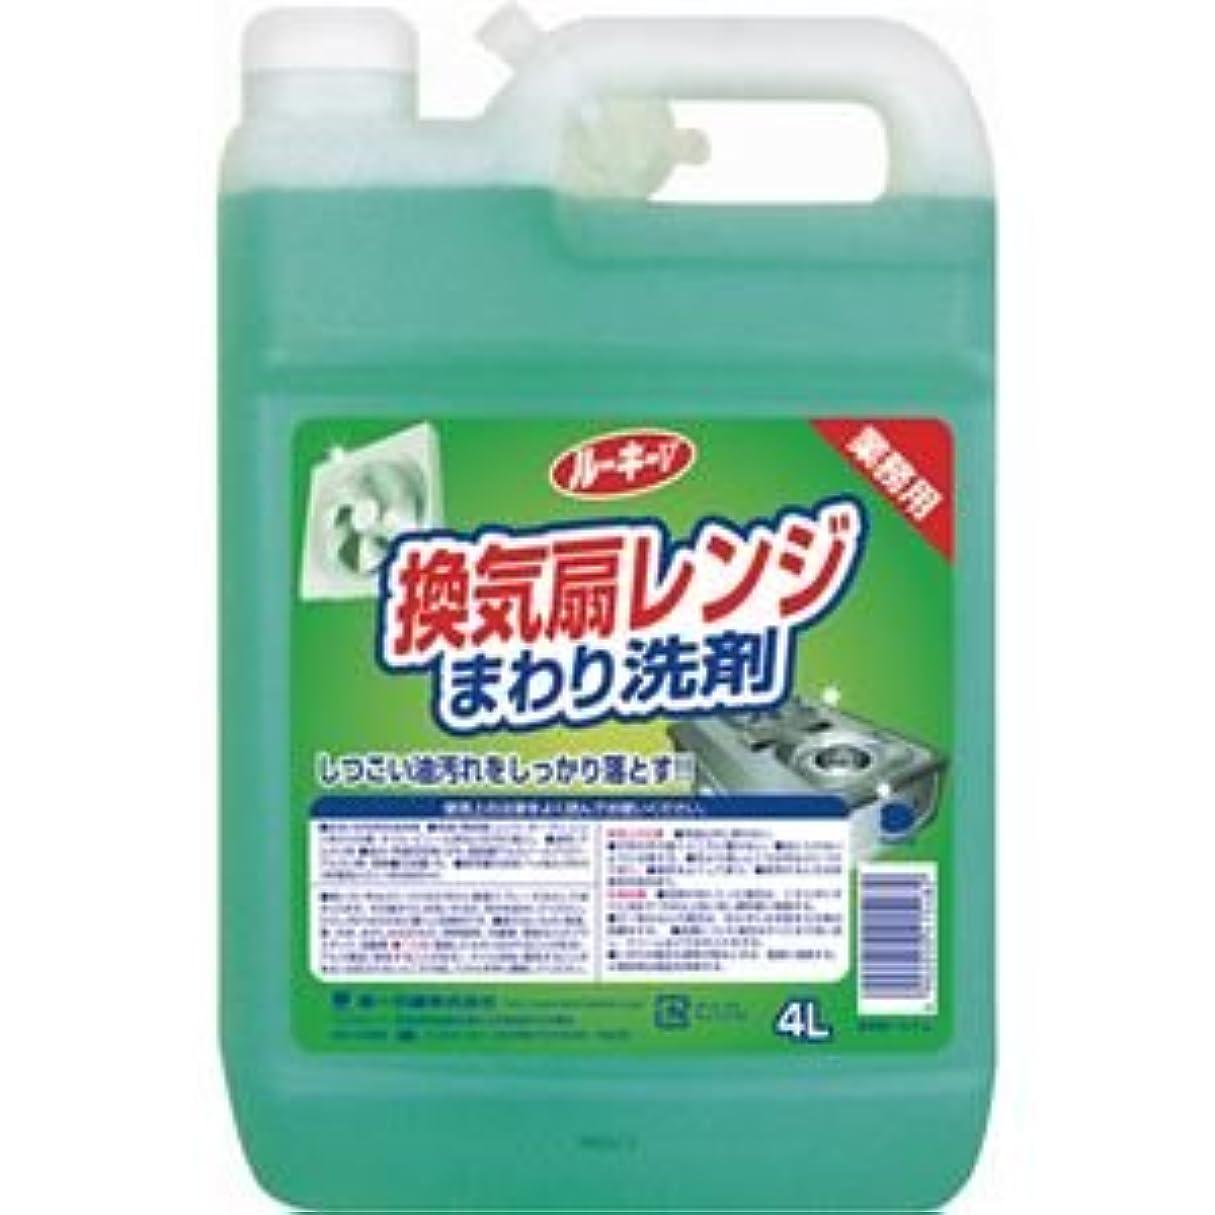 (まとめ) 第一石鹸 ルーキー 換気扇レンジクリーナー 業務用 4L 1本 【×5セット】